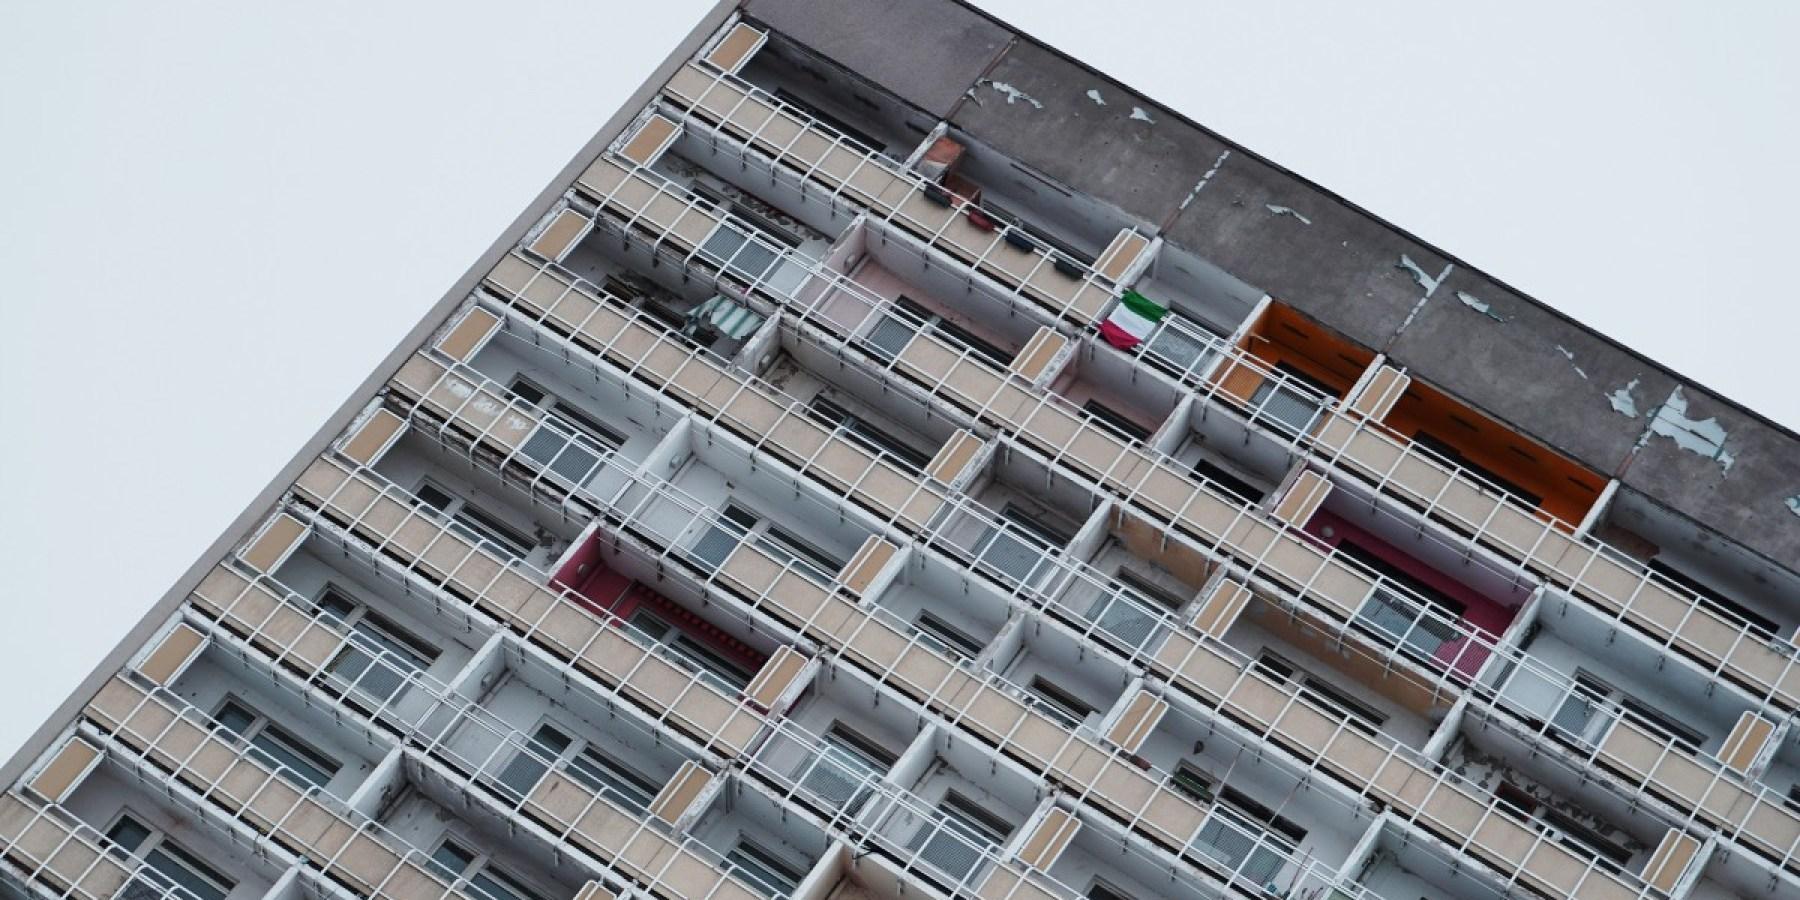 Wohnraum für Menschen mit geringeren Einkommen